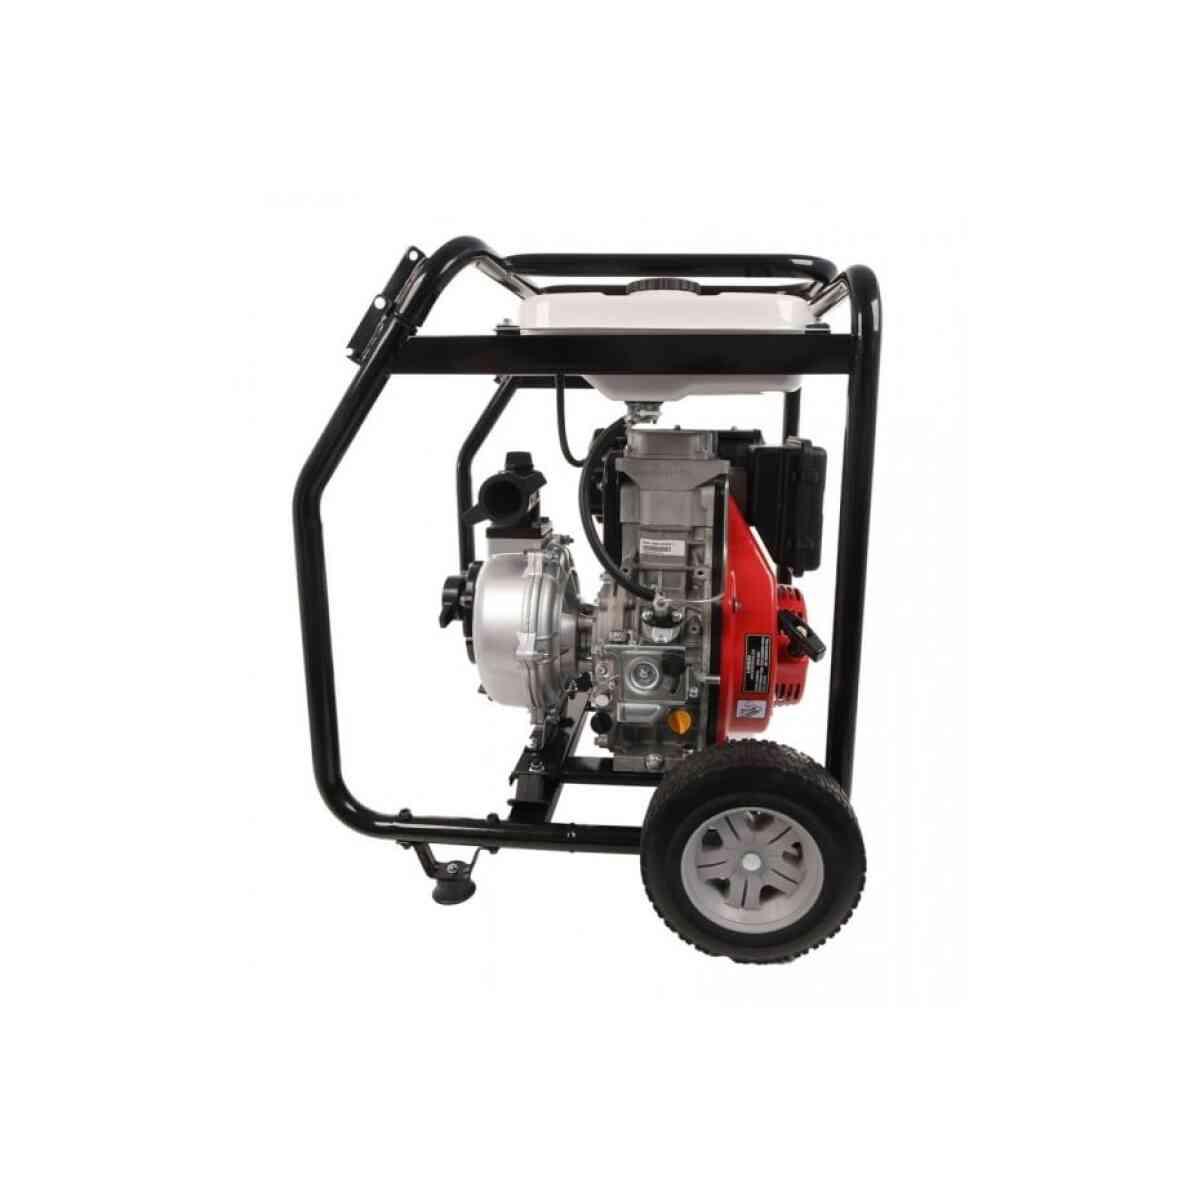 motopompa apa presiune inalta 2 diesel loncin padure gardina.ro 53